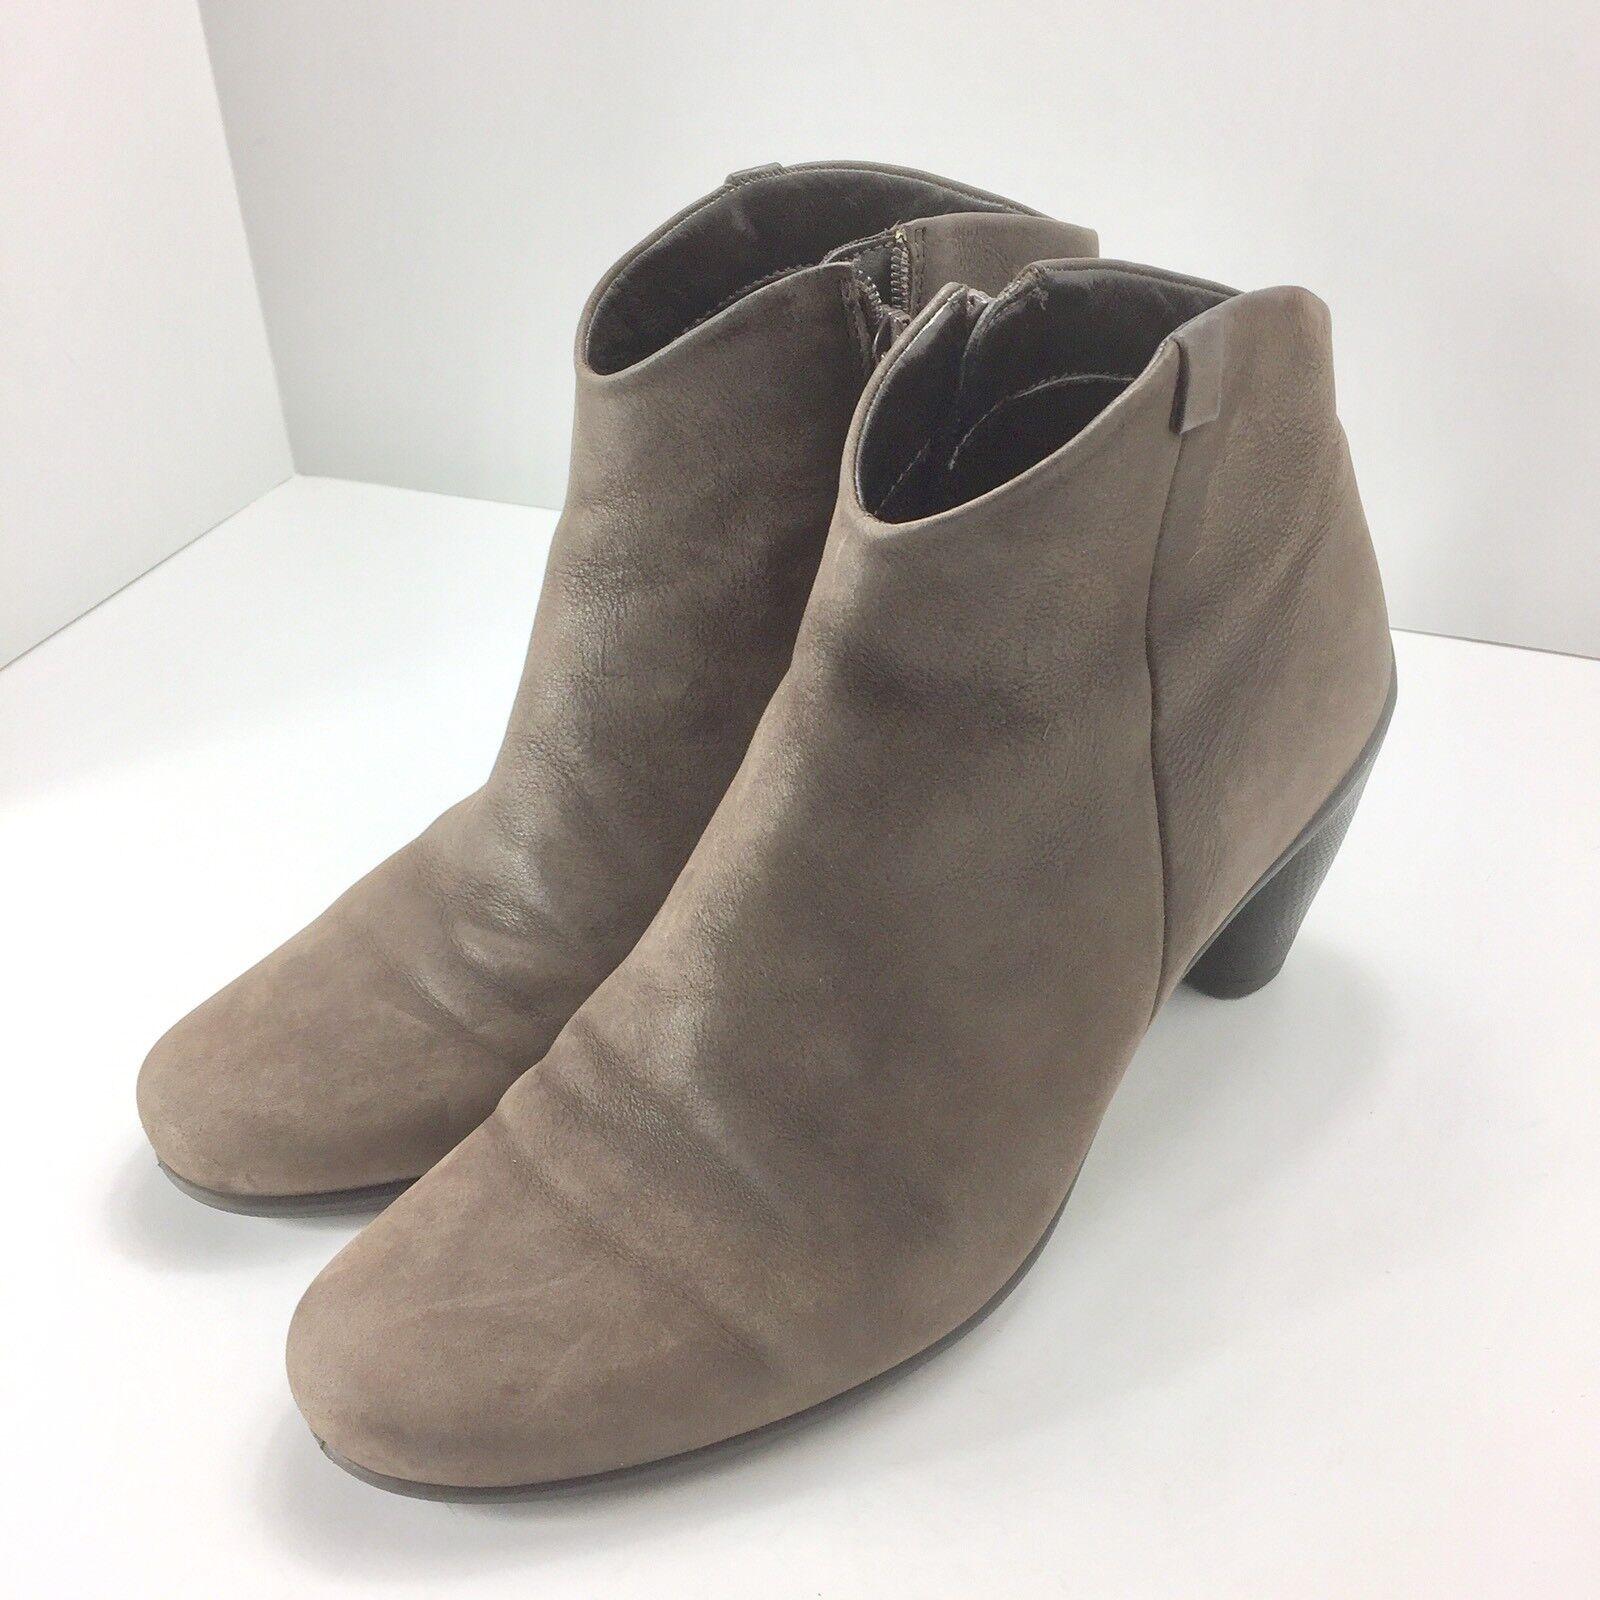 Ecco damen Suede Ankle Stiefel Stiefelies Größe Euro 41 US 9.5 braun